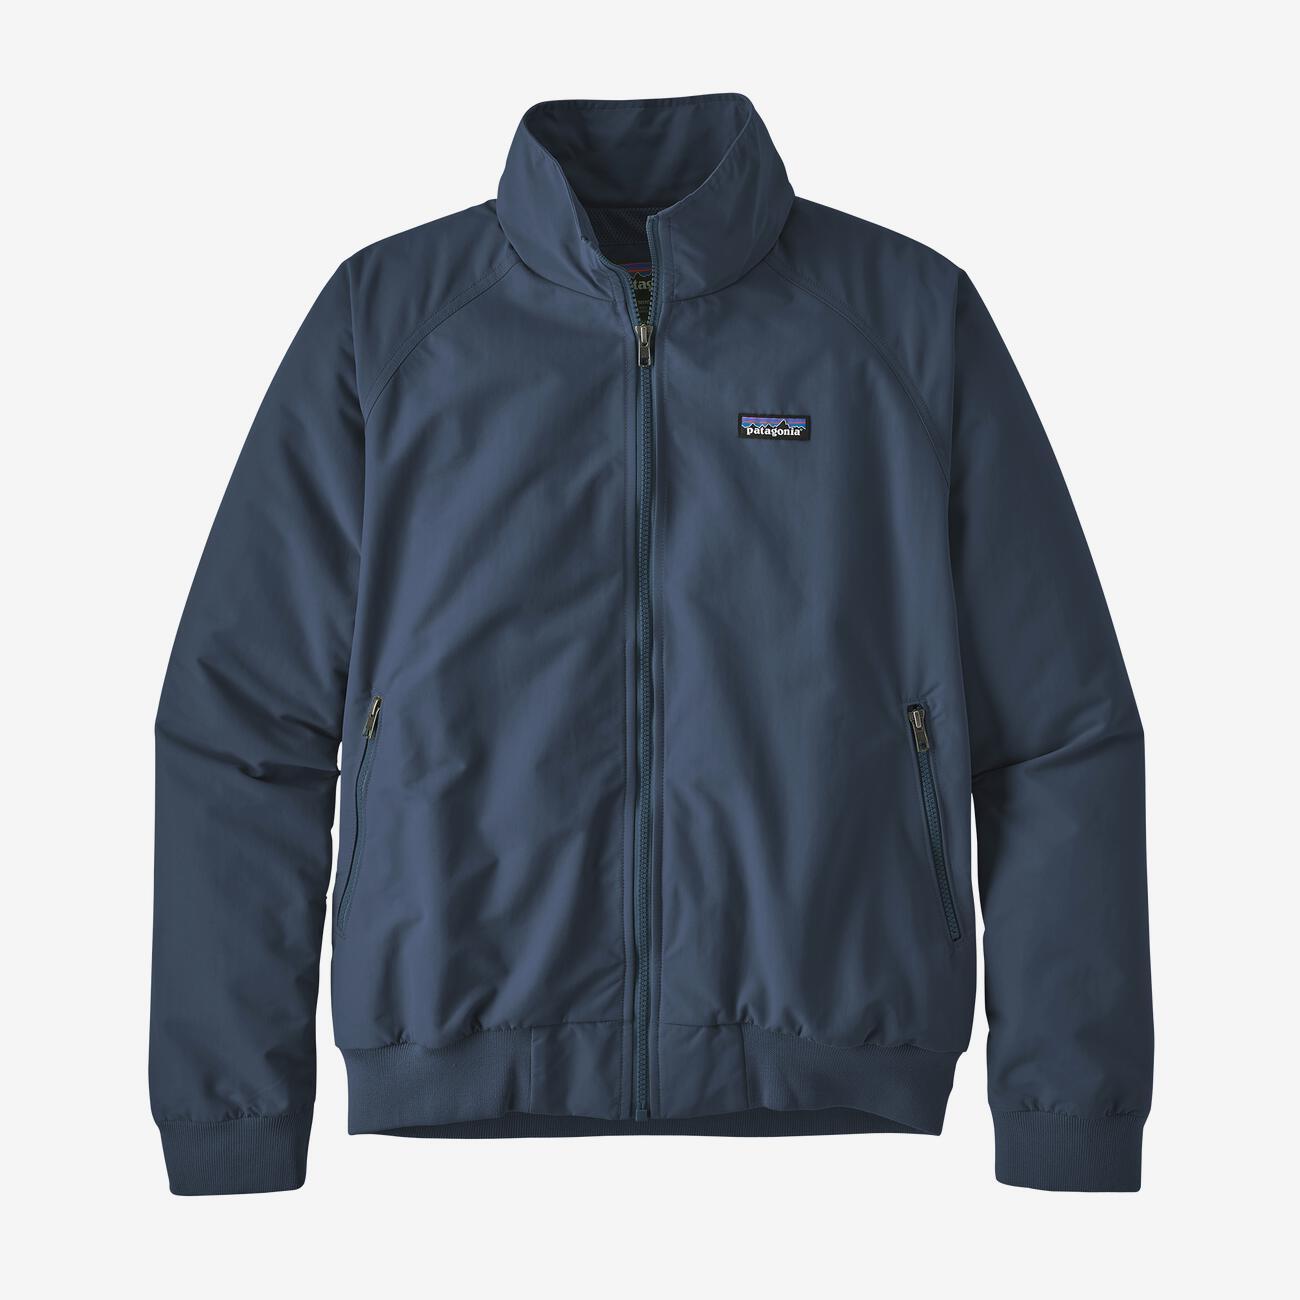 Patagonia – Men's Baggies™ Jacket